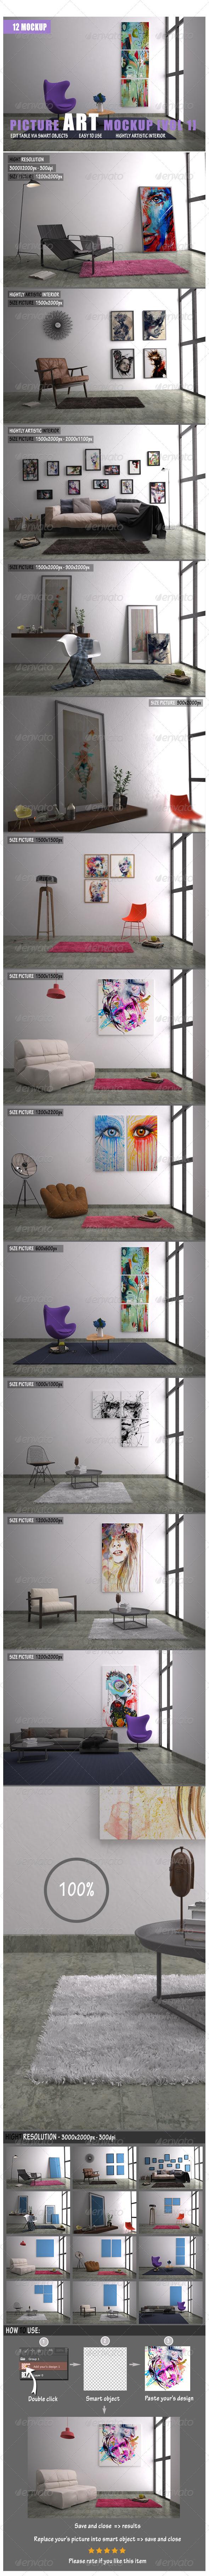 GraphicRiver Picture Art Mockup [Vol 1] 7729916